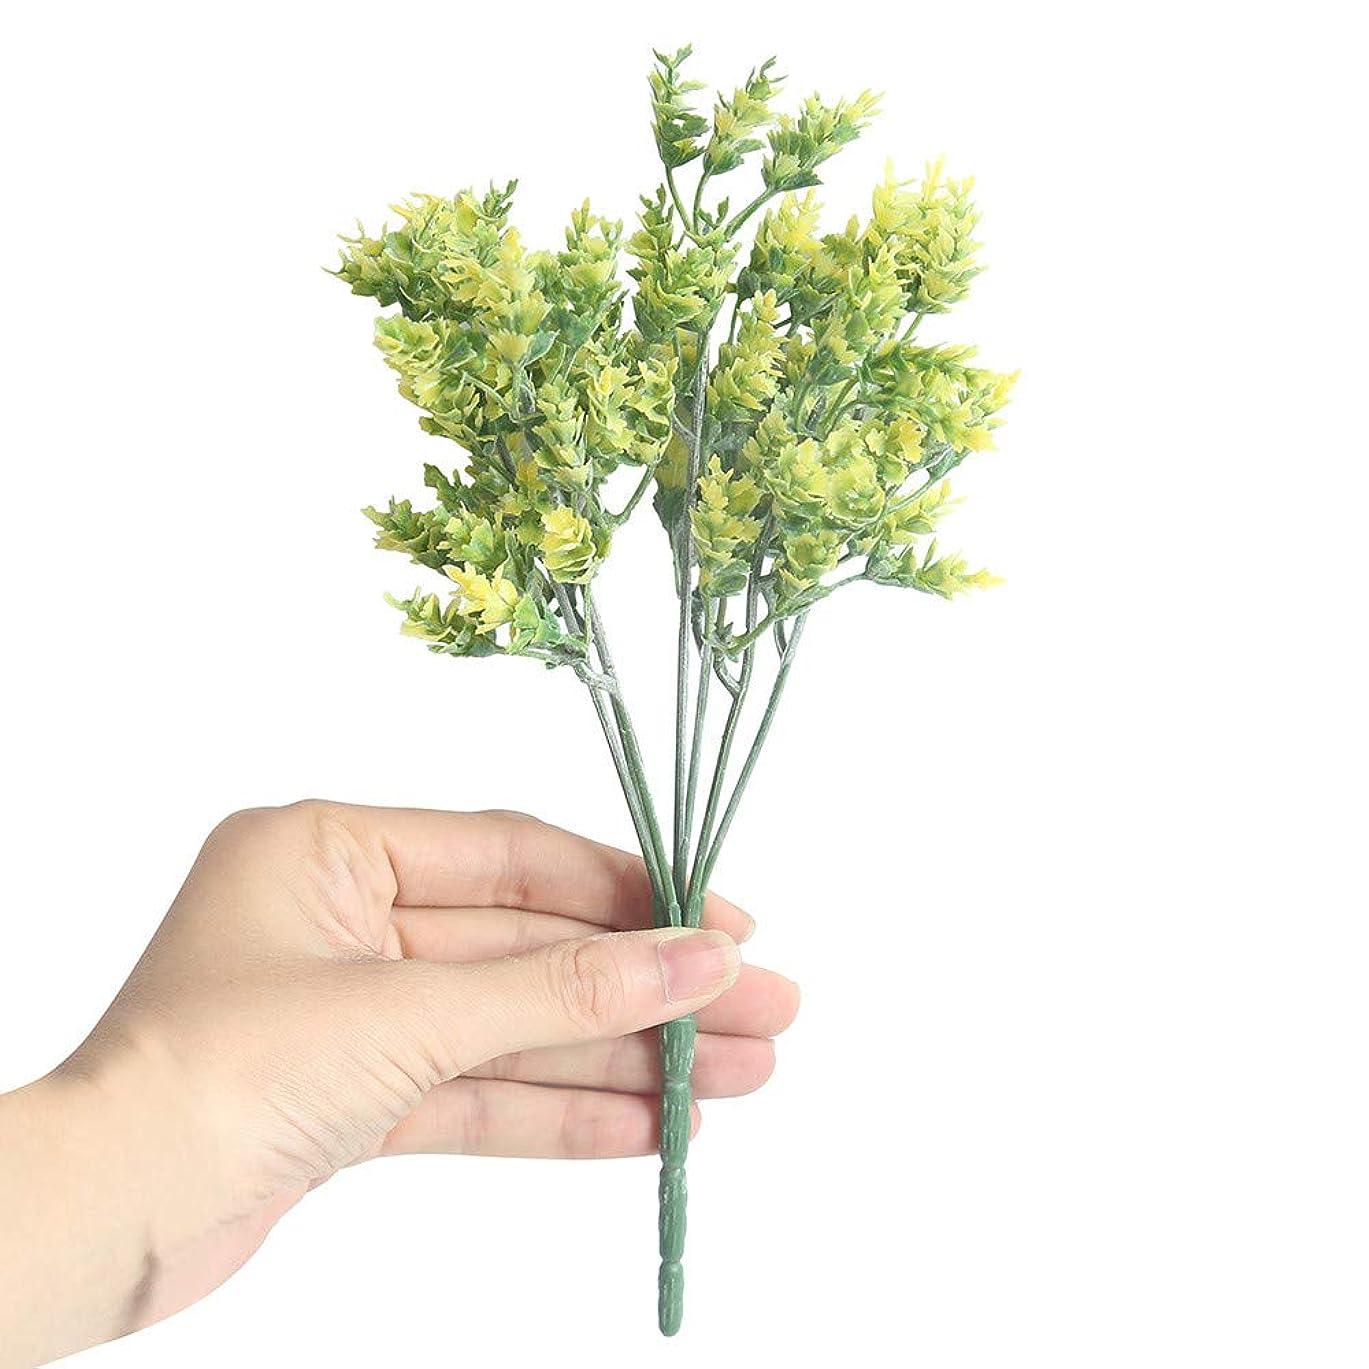 ボコダダ(Vocodada) 造花 枯れない花 ユーカリ プラスチック草 人工花 偽花 アートフラワー 置物 観葉植物 インテリア ホームデコ パーティ 飾り 贈り物 1本売り 選べる4色 (イエロー)